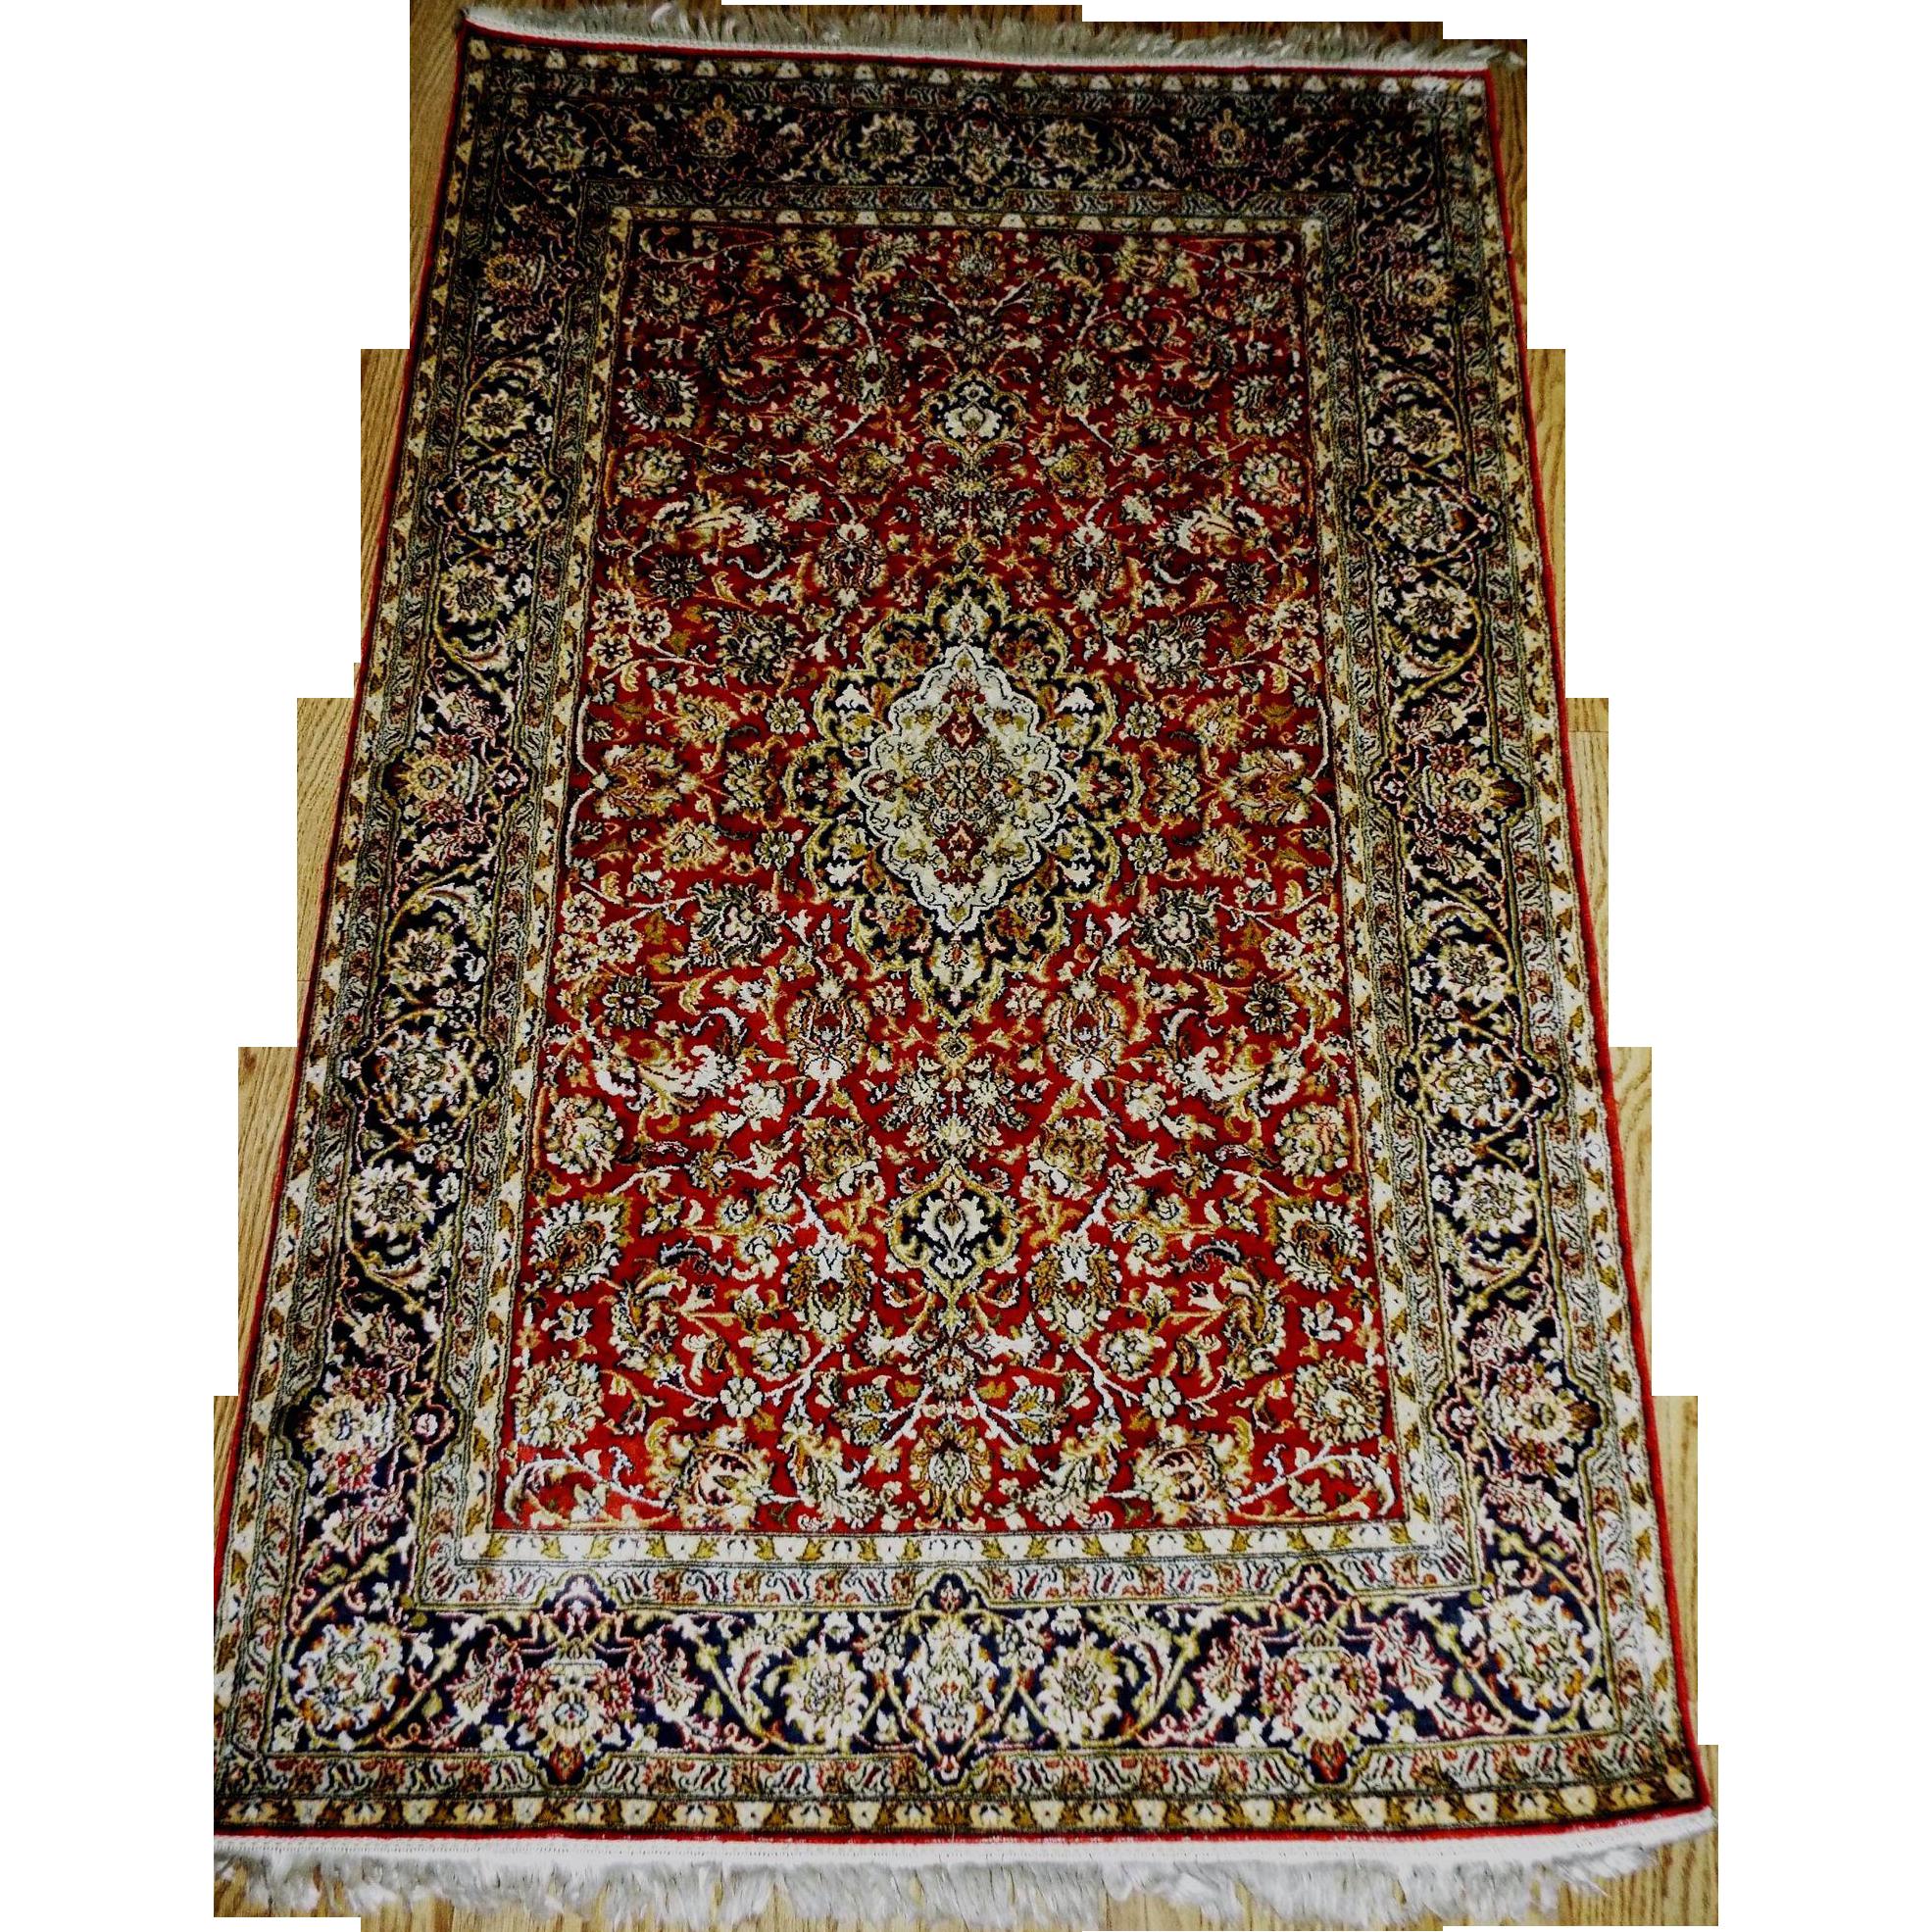 Hereke Silk Rug Youtube: Antique Hereke Super Fine Silk Rug 4' X 6' Hand Made